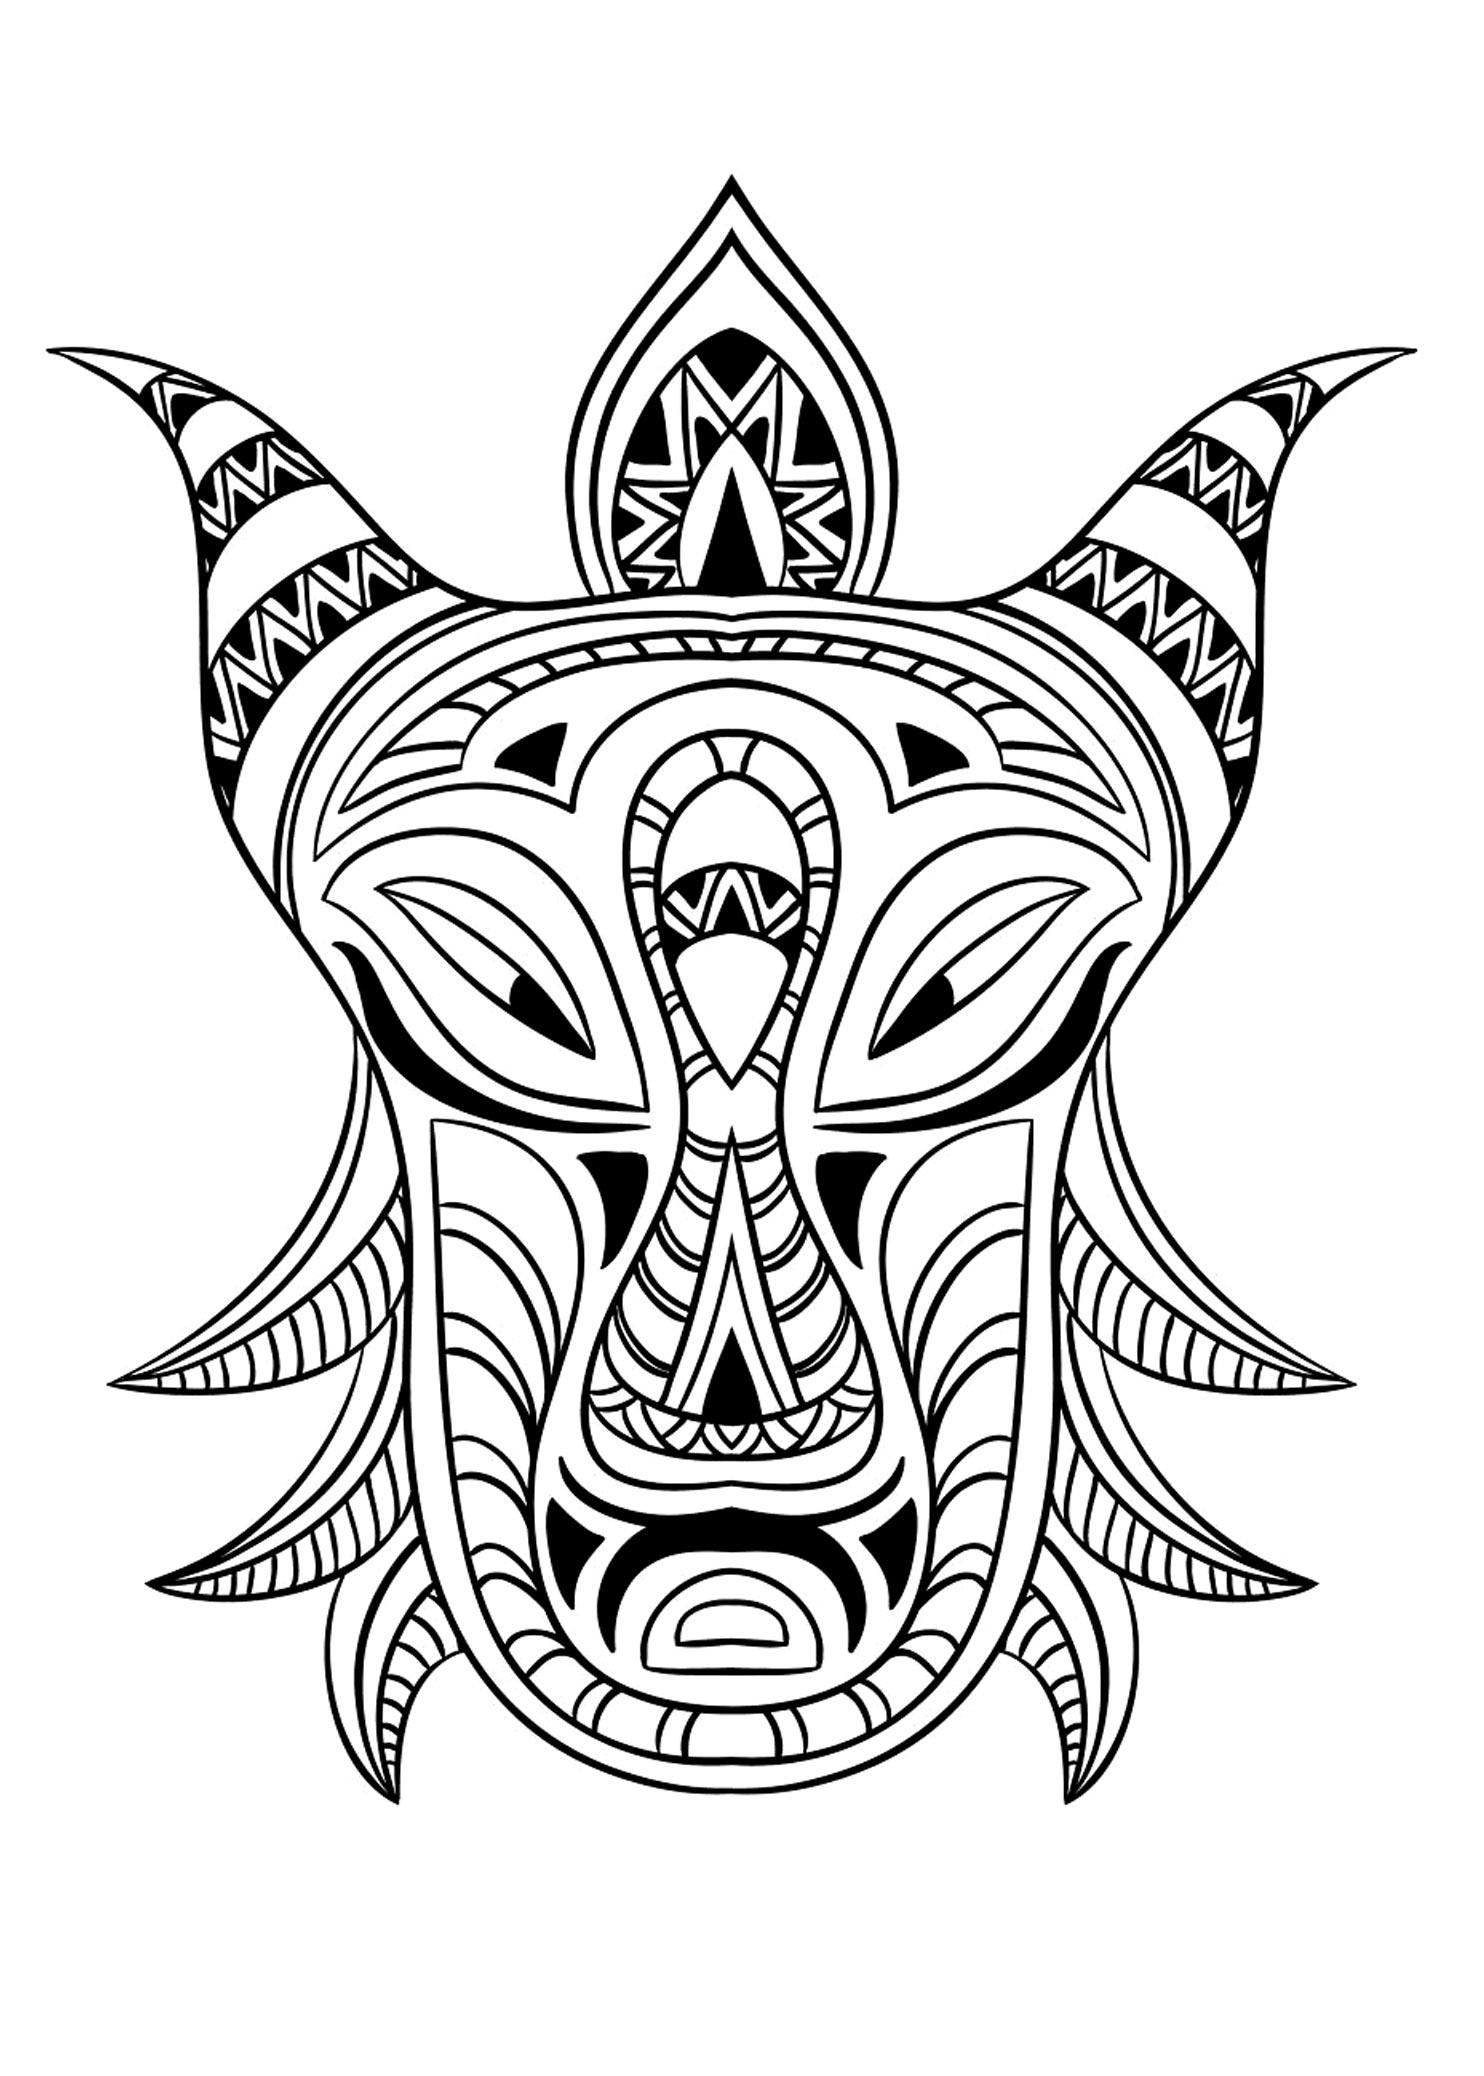 Masque Africain Impressionnant - Coloriage De Masques dedans Masque À Colorier Gratuit